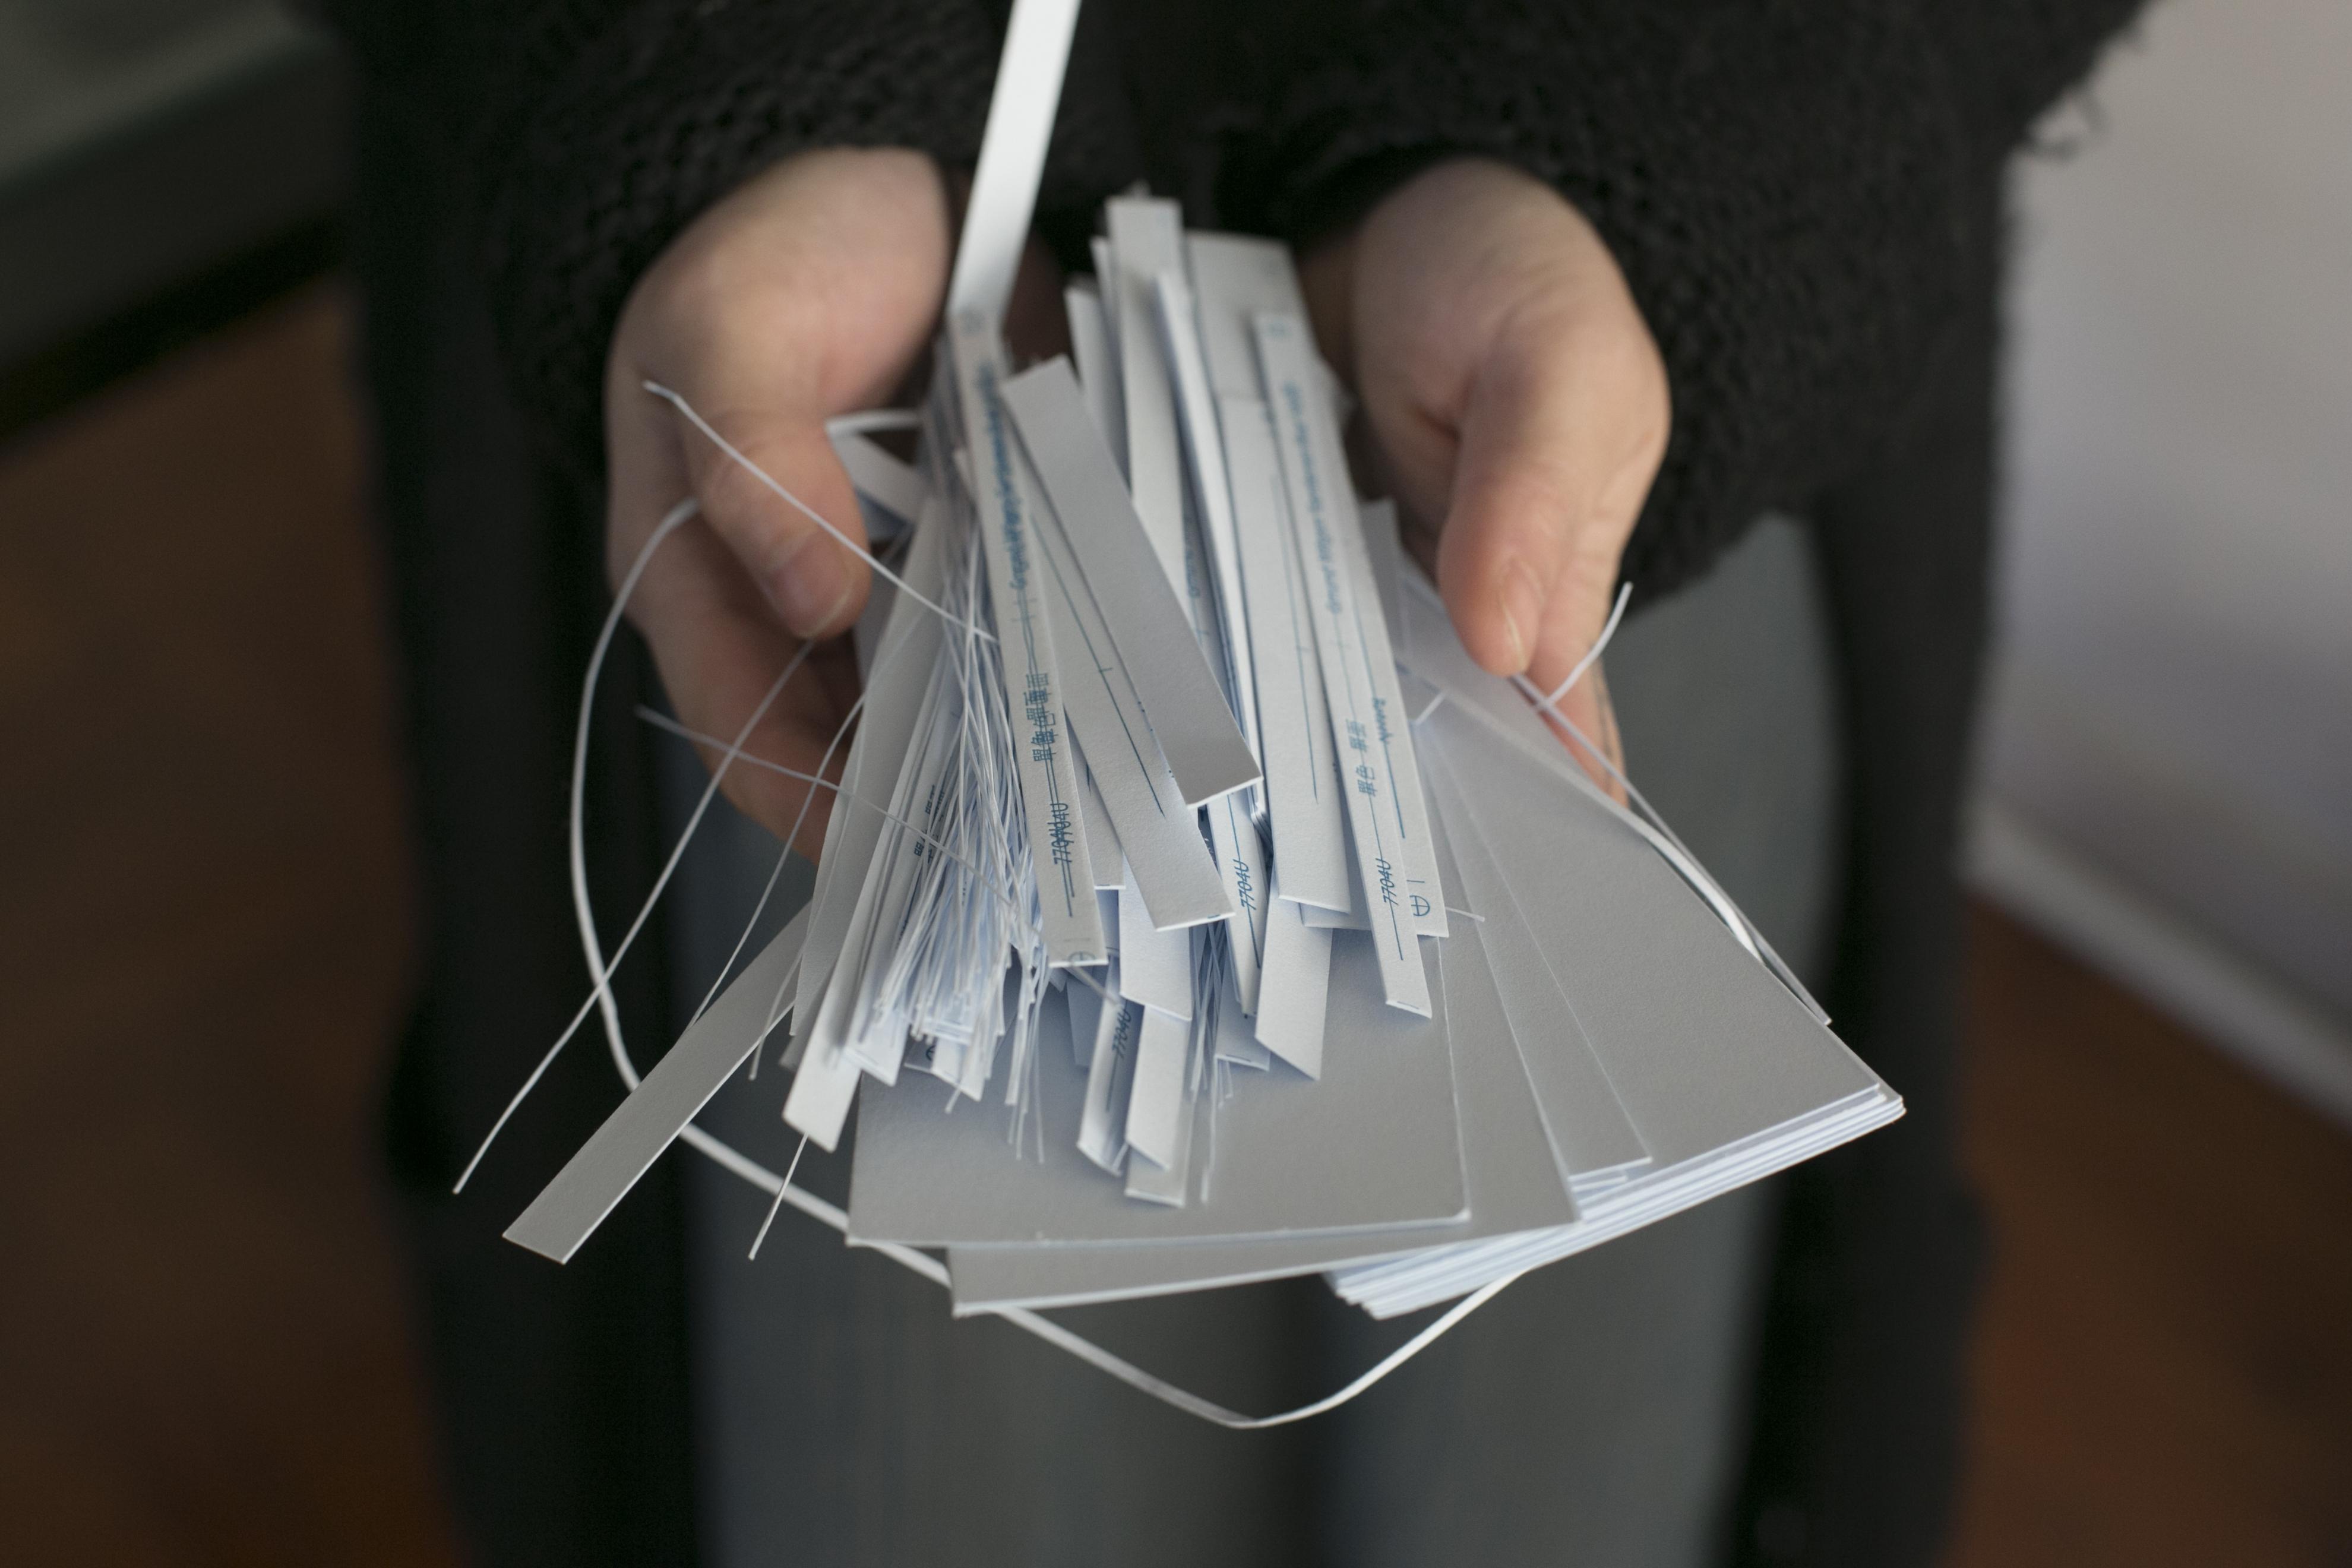 這些大小不一的紙邊紙碎,人人視之為垃圾,經Because一雙巧手加工,會變成全新的紙張。